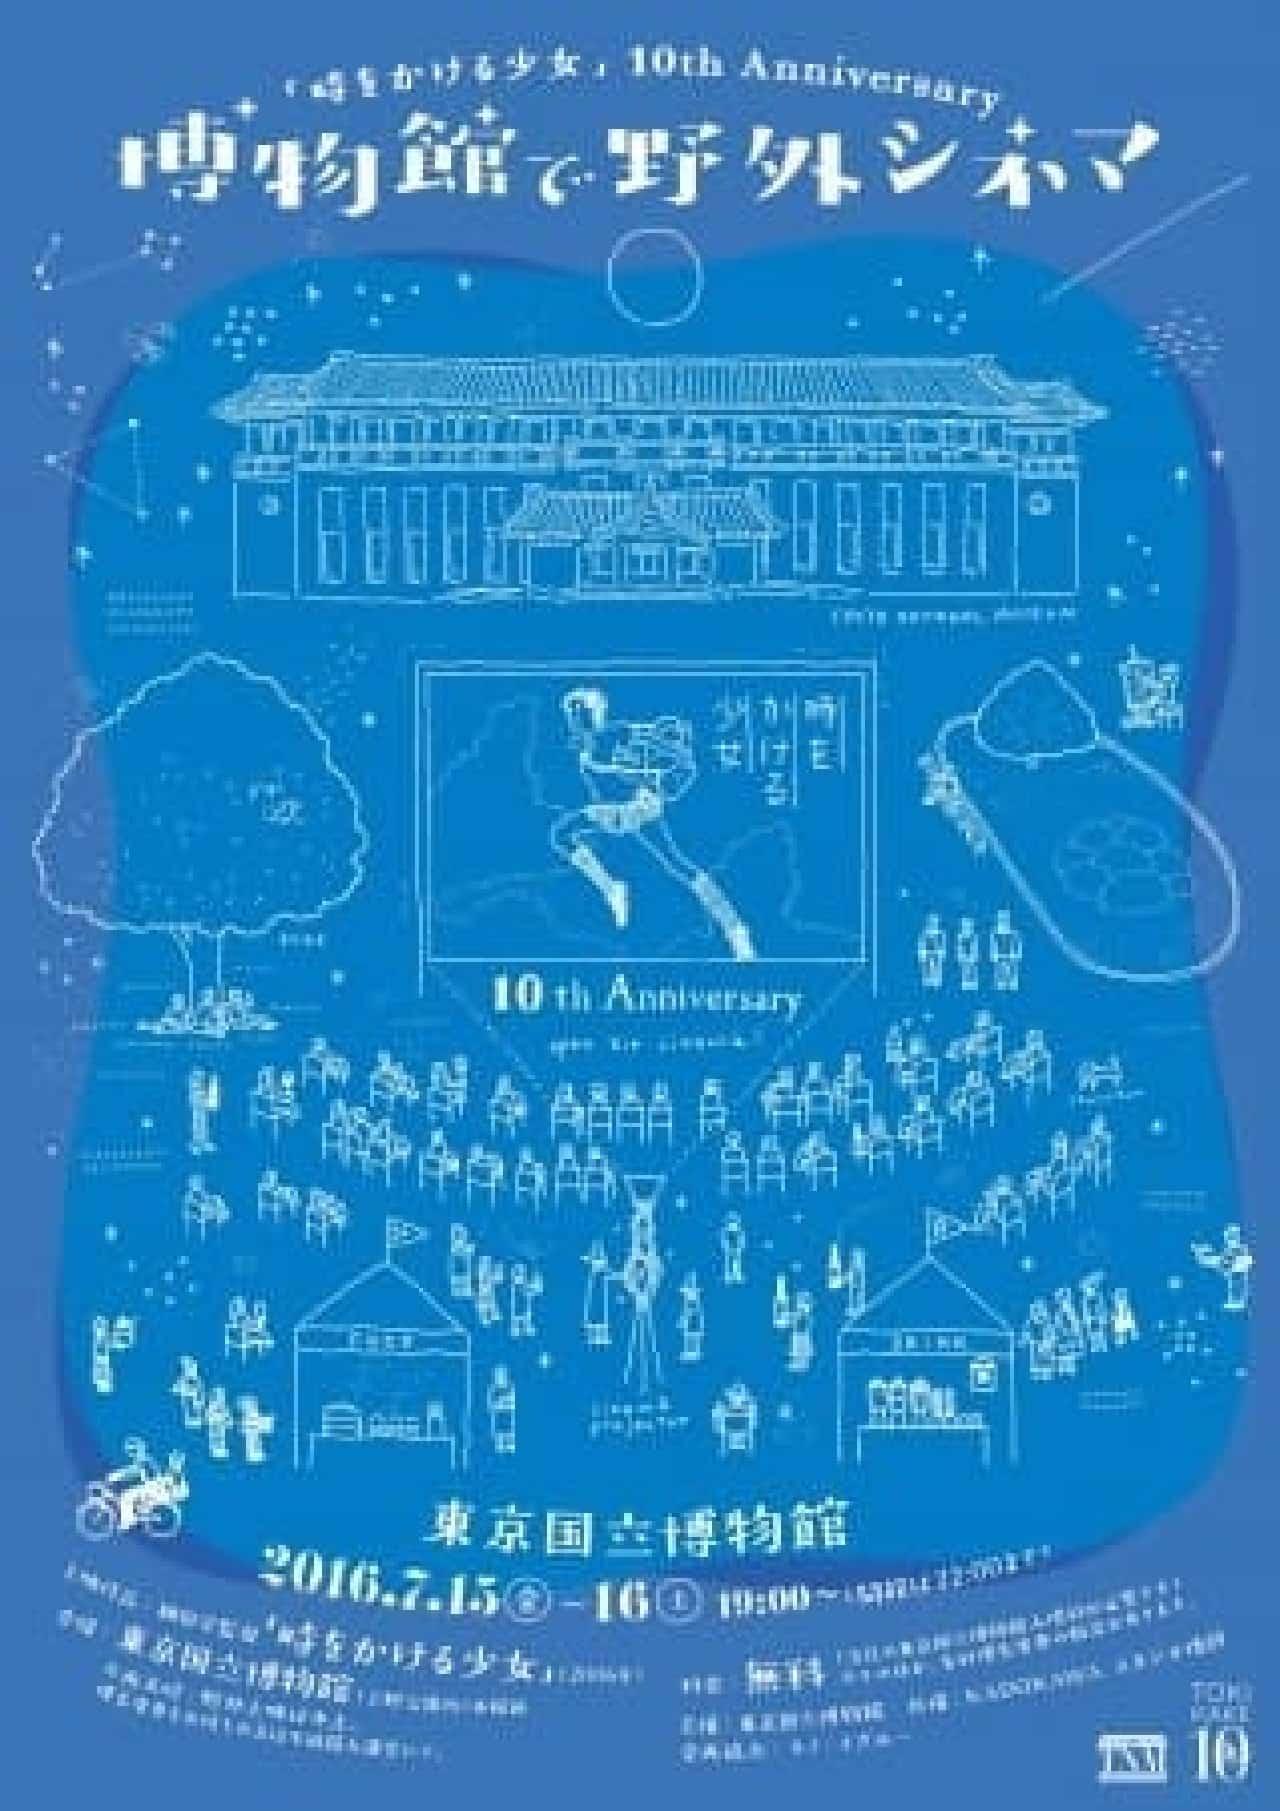 東京国立博物館「時をかける少女」の野外上映会